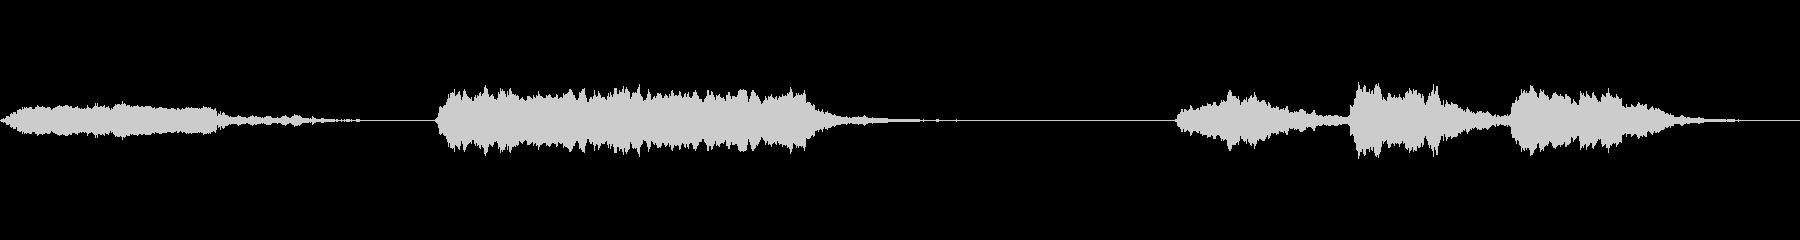 フォグホーンとエコー、2種類のホーンの未再生の波形